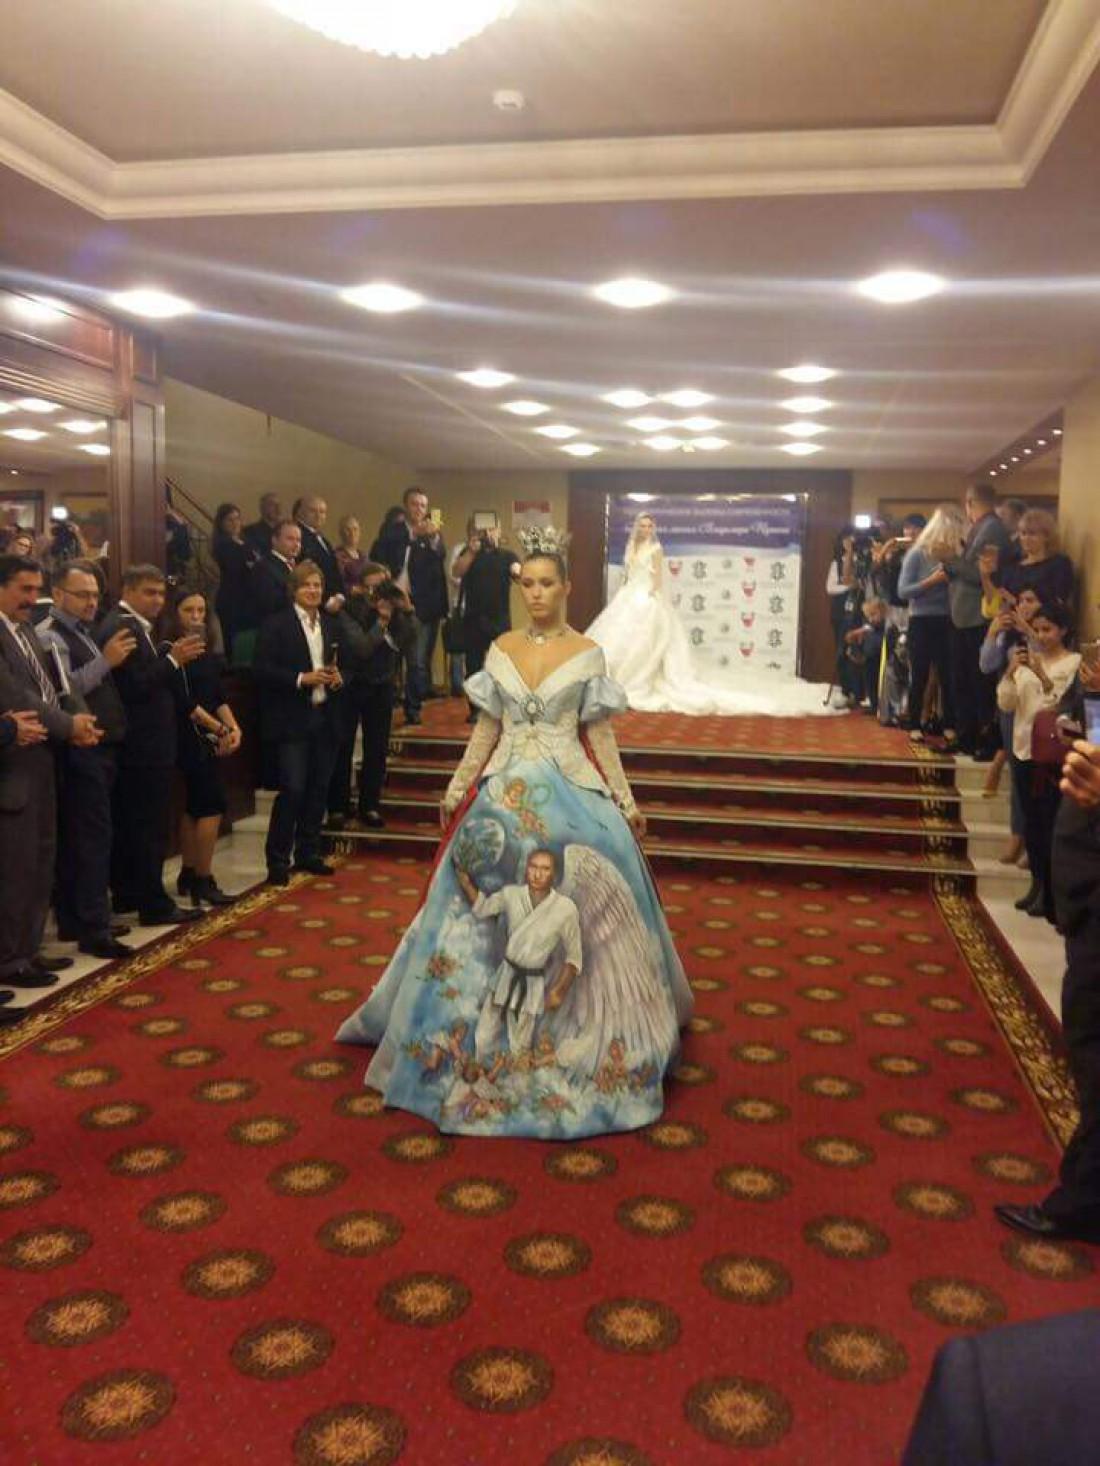 Девушка в платье с изображением Владимиром Путиным